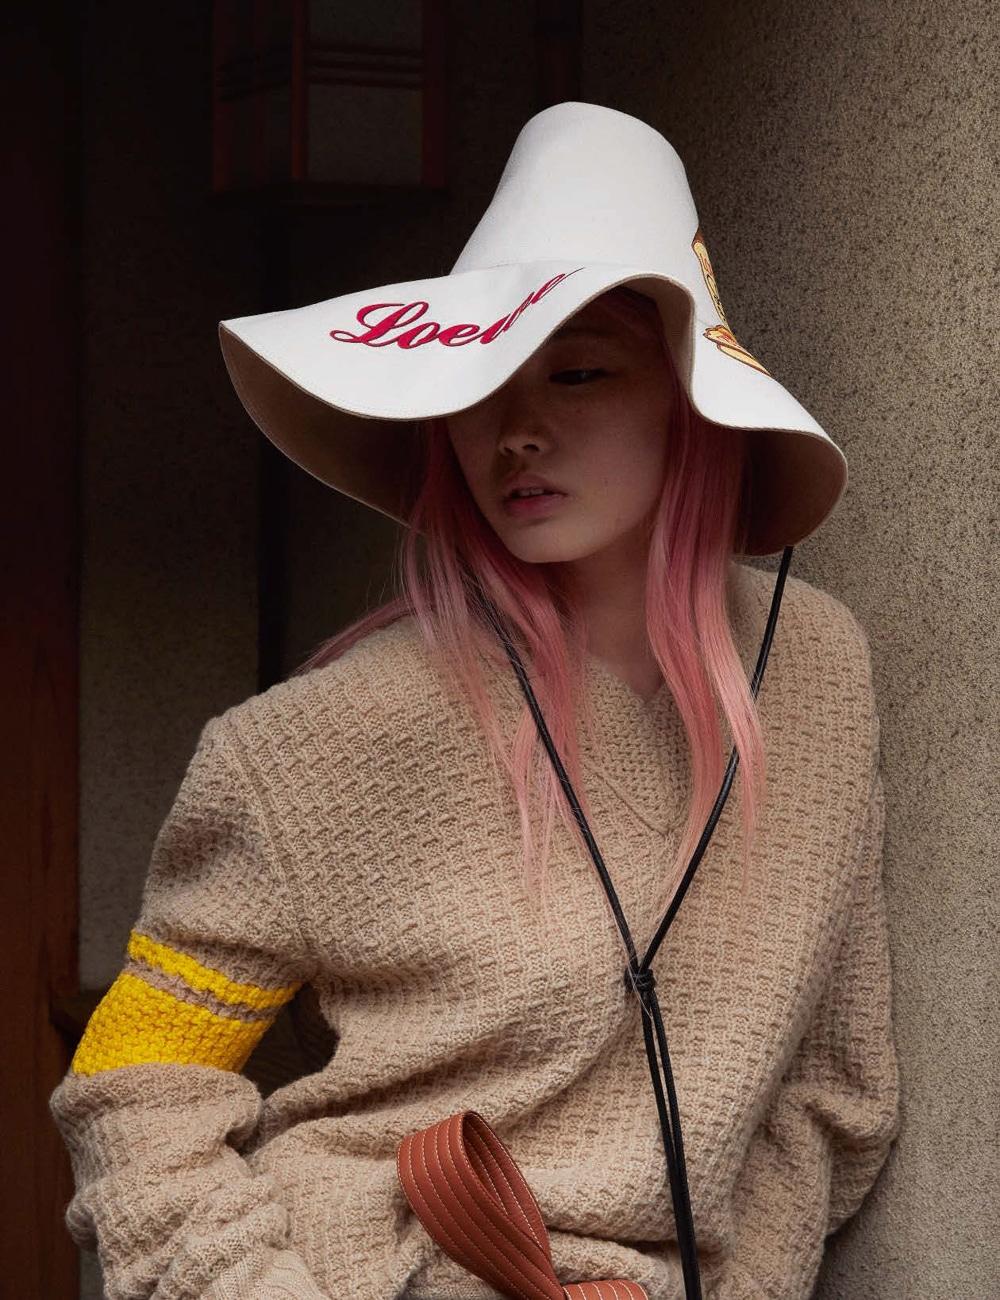 Vogue-Germany-September-2017-Fernanda-Ly-Thomas-Lohr-1.jpg